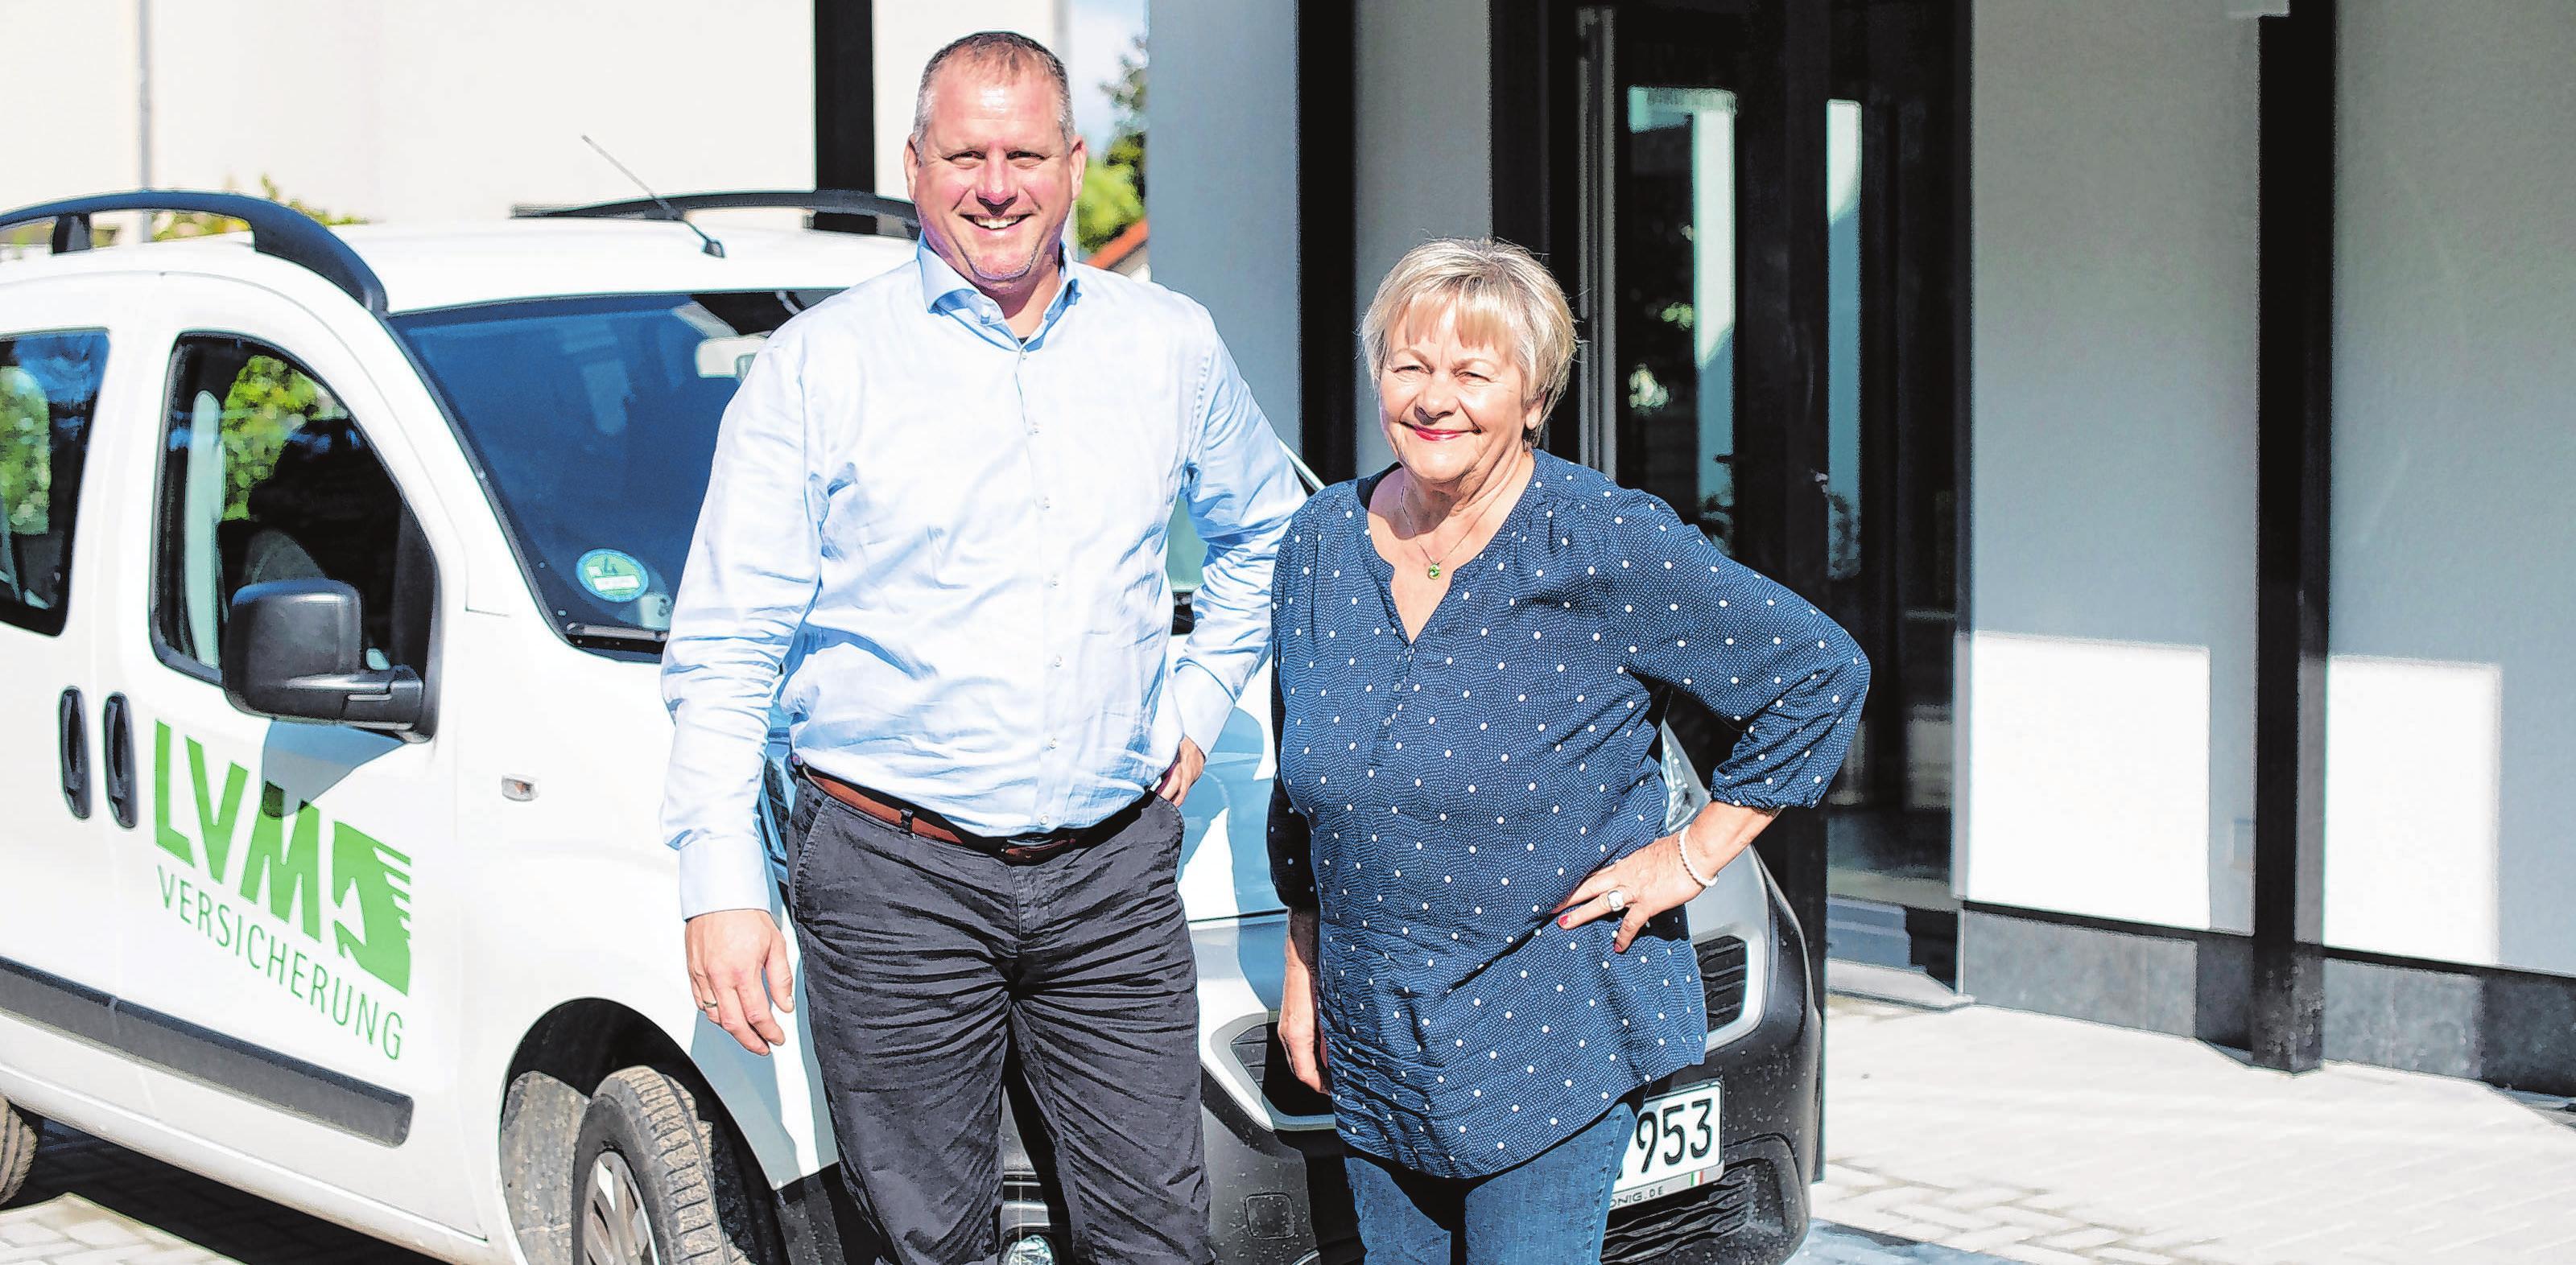 Seit Jahren ein gutes Team: Lars Lorenzen und Karin Lorenzen vor dem neuen Büro in derFürstenwalder Lestikowstraße 67.